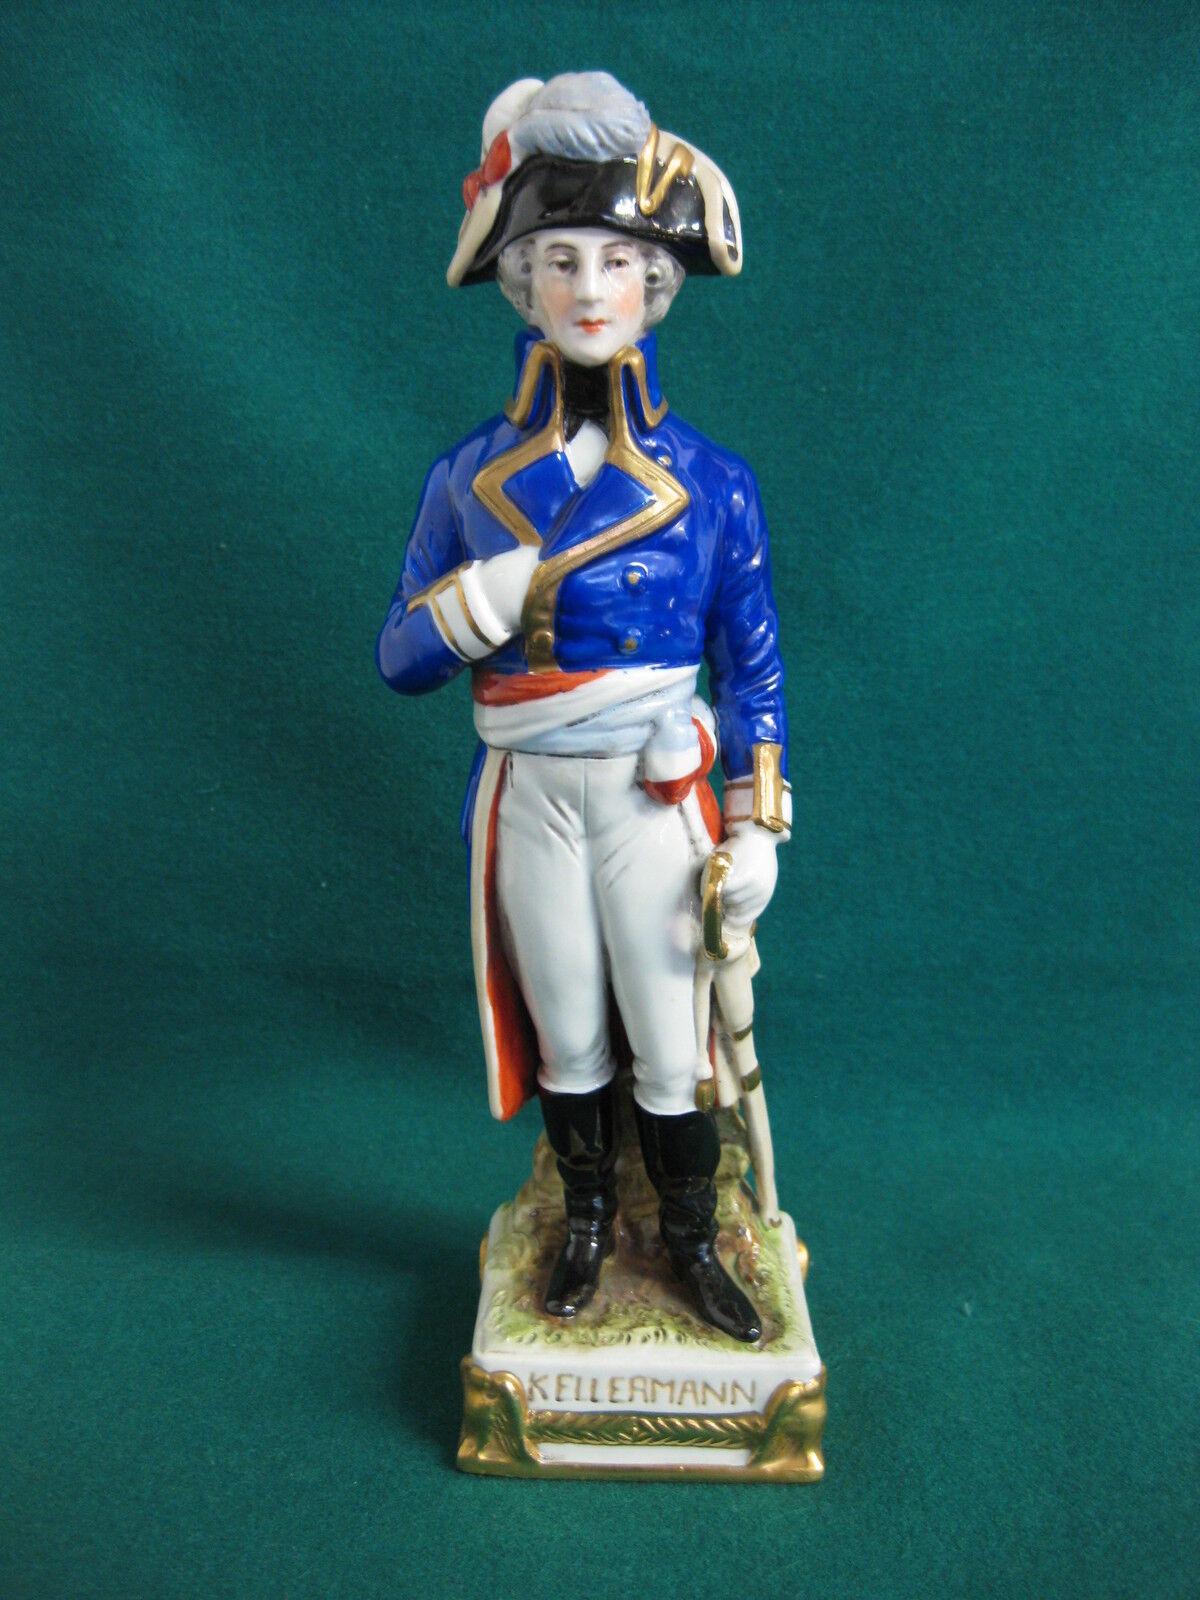 Scheibe Alsbach Napoleon Kellermann Figur 25 cm bunt Soldat Marschall